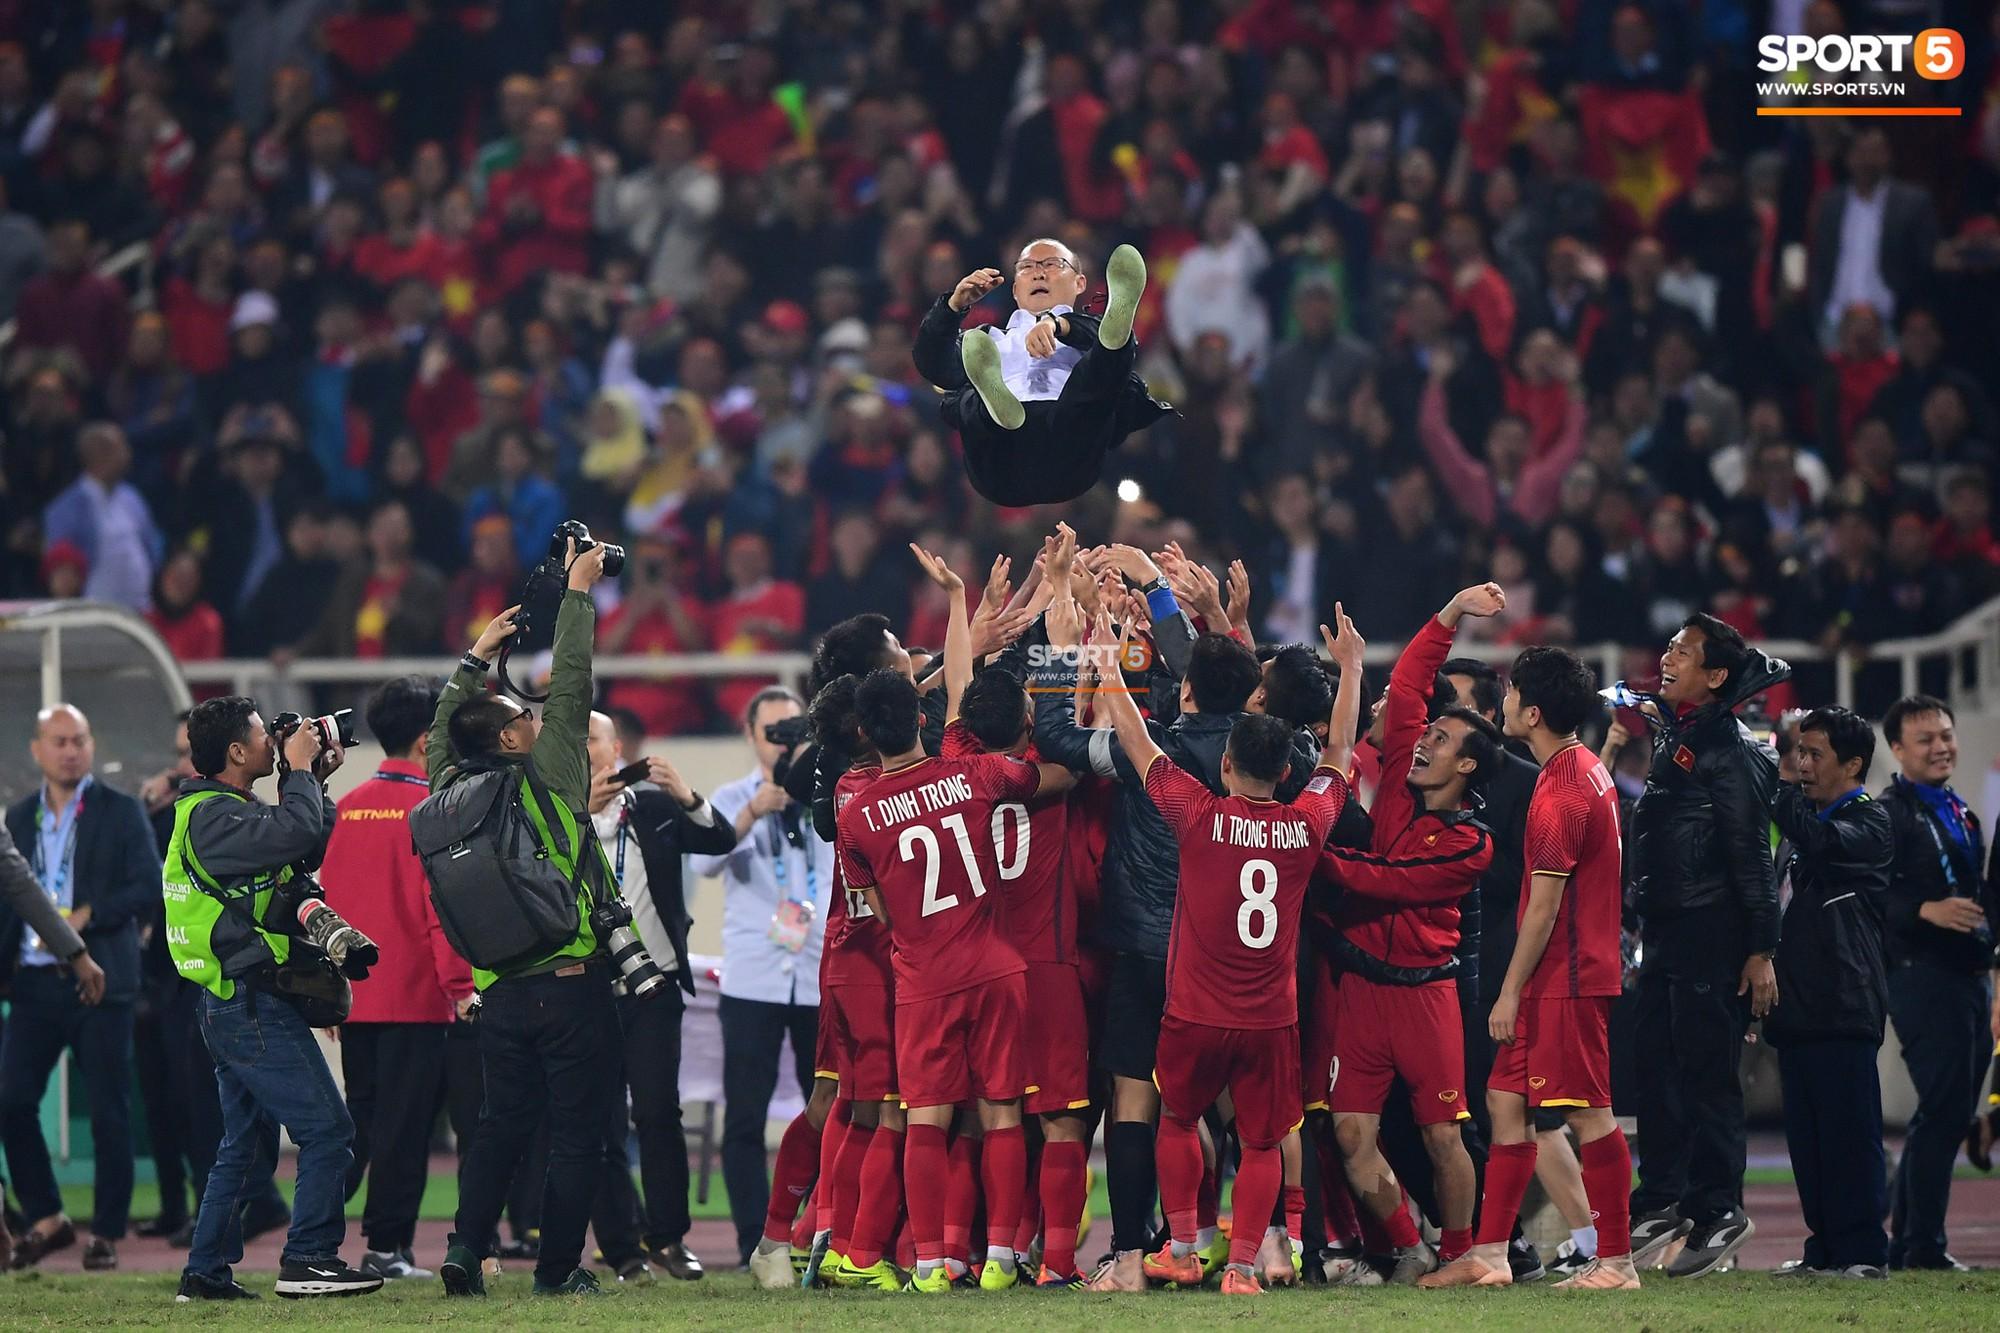 HLV Park Hang Seo bước sang tuổi 60: Từ sinh viên nghiên cứu thảo mộc đến huyền thoại bóng đá Việt Nam-31